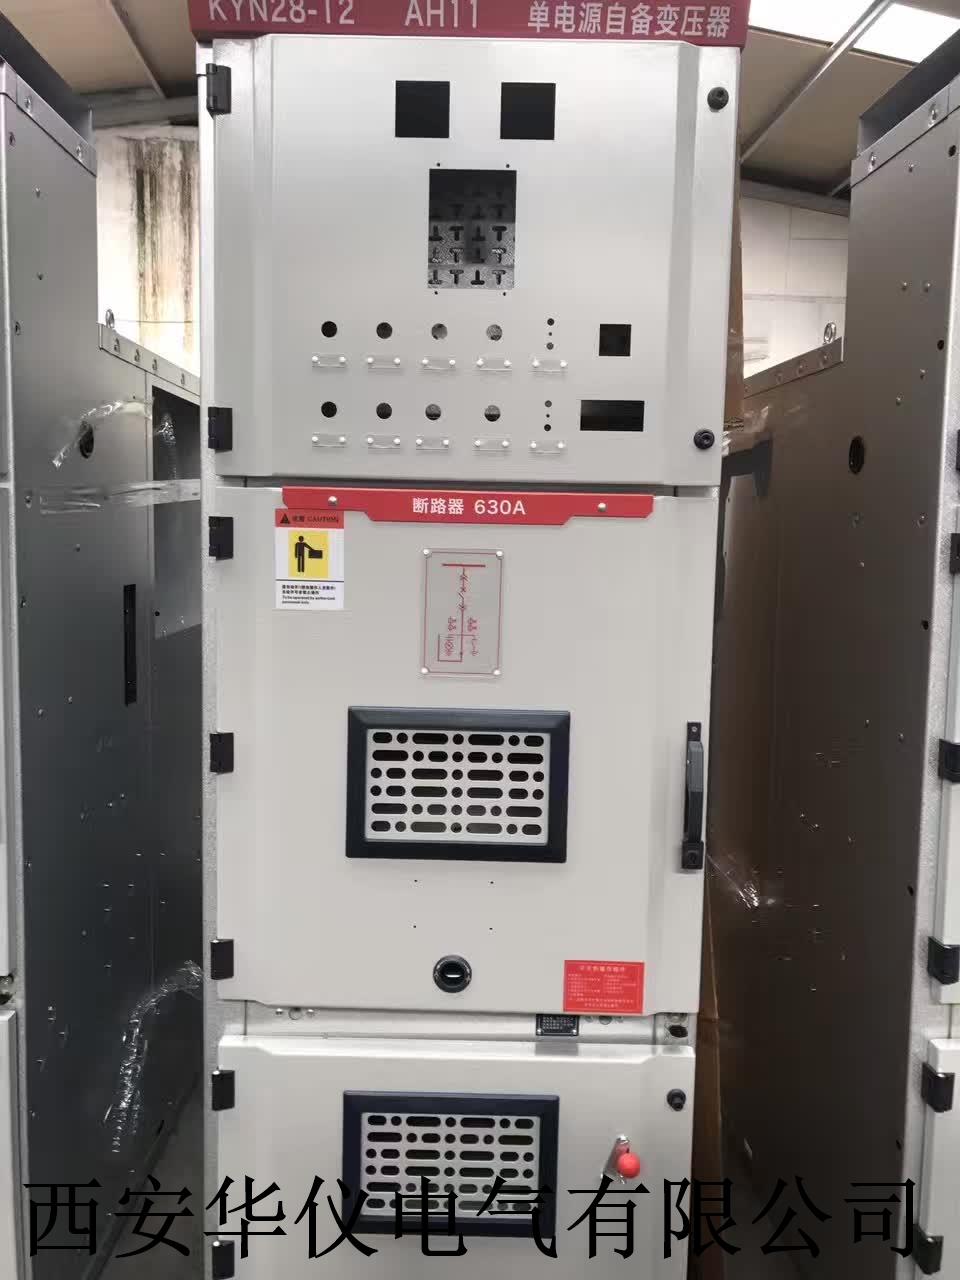 榆林高压开关柜kyn28-12成套厂